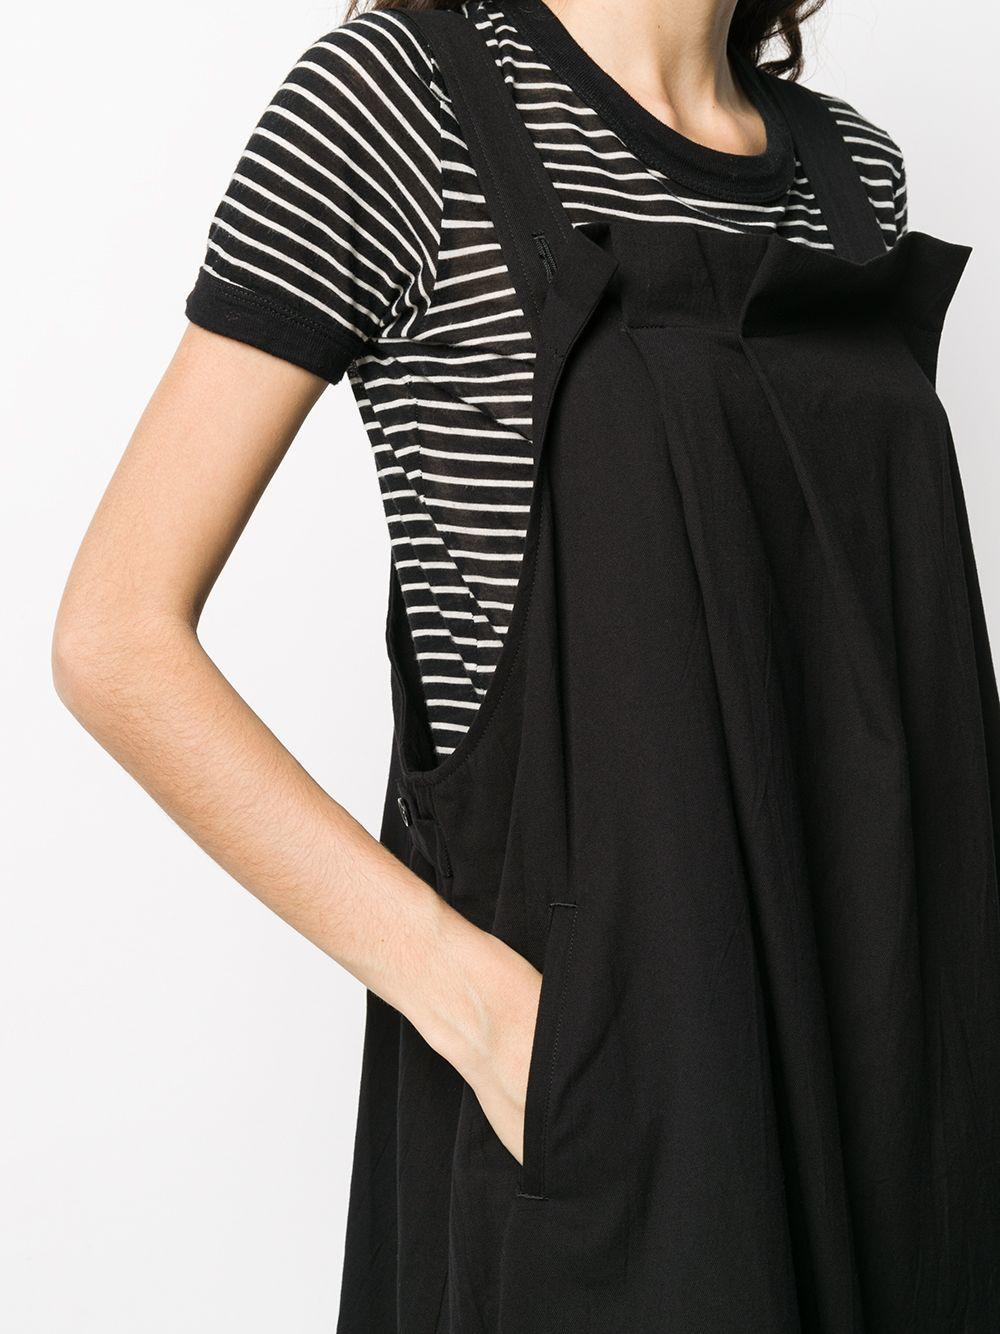 Y's | Dress | YR-D14-0062